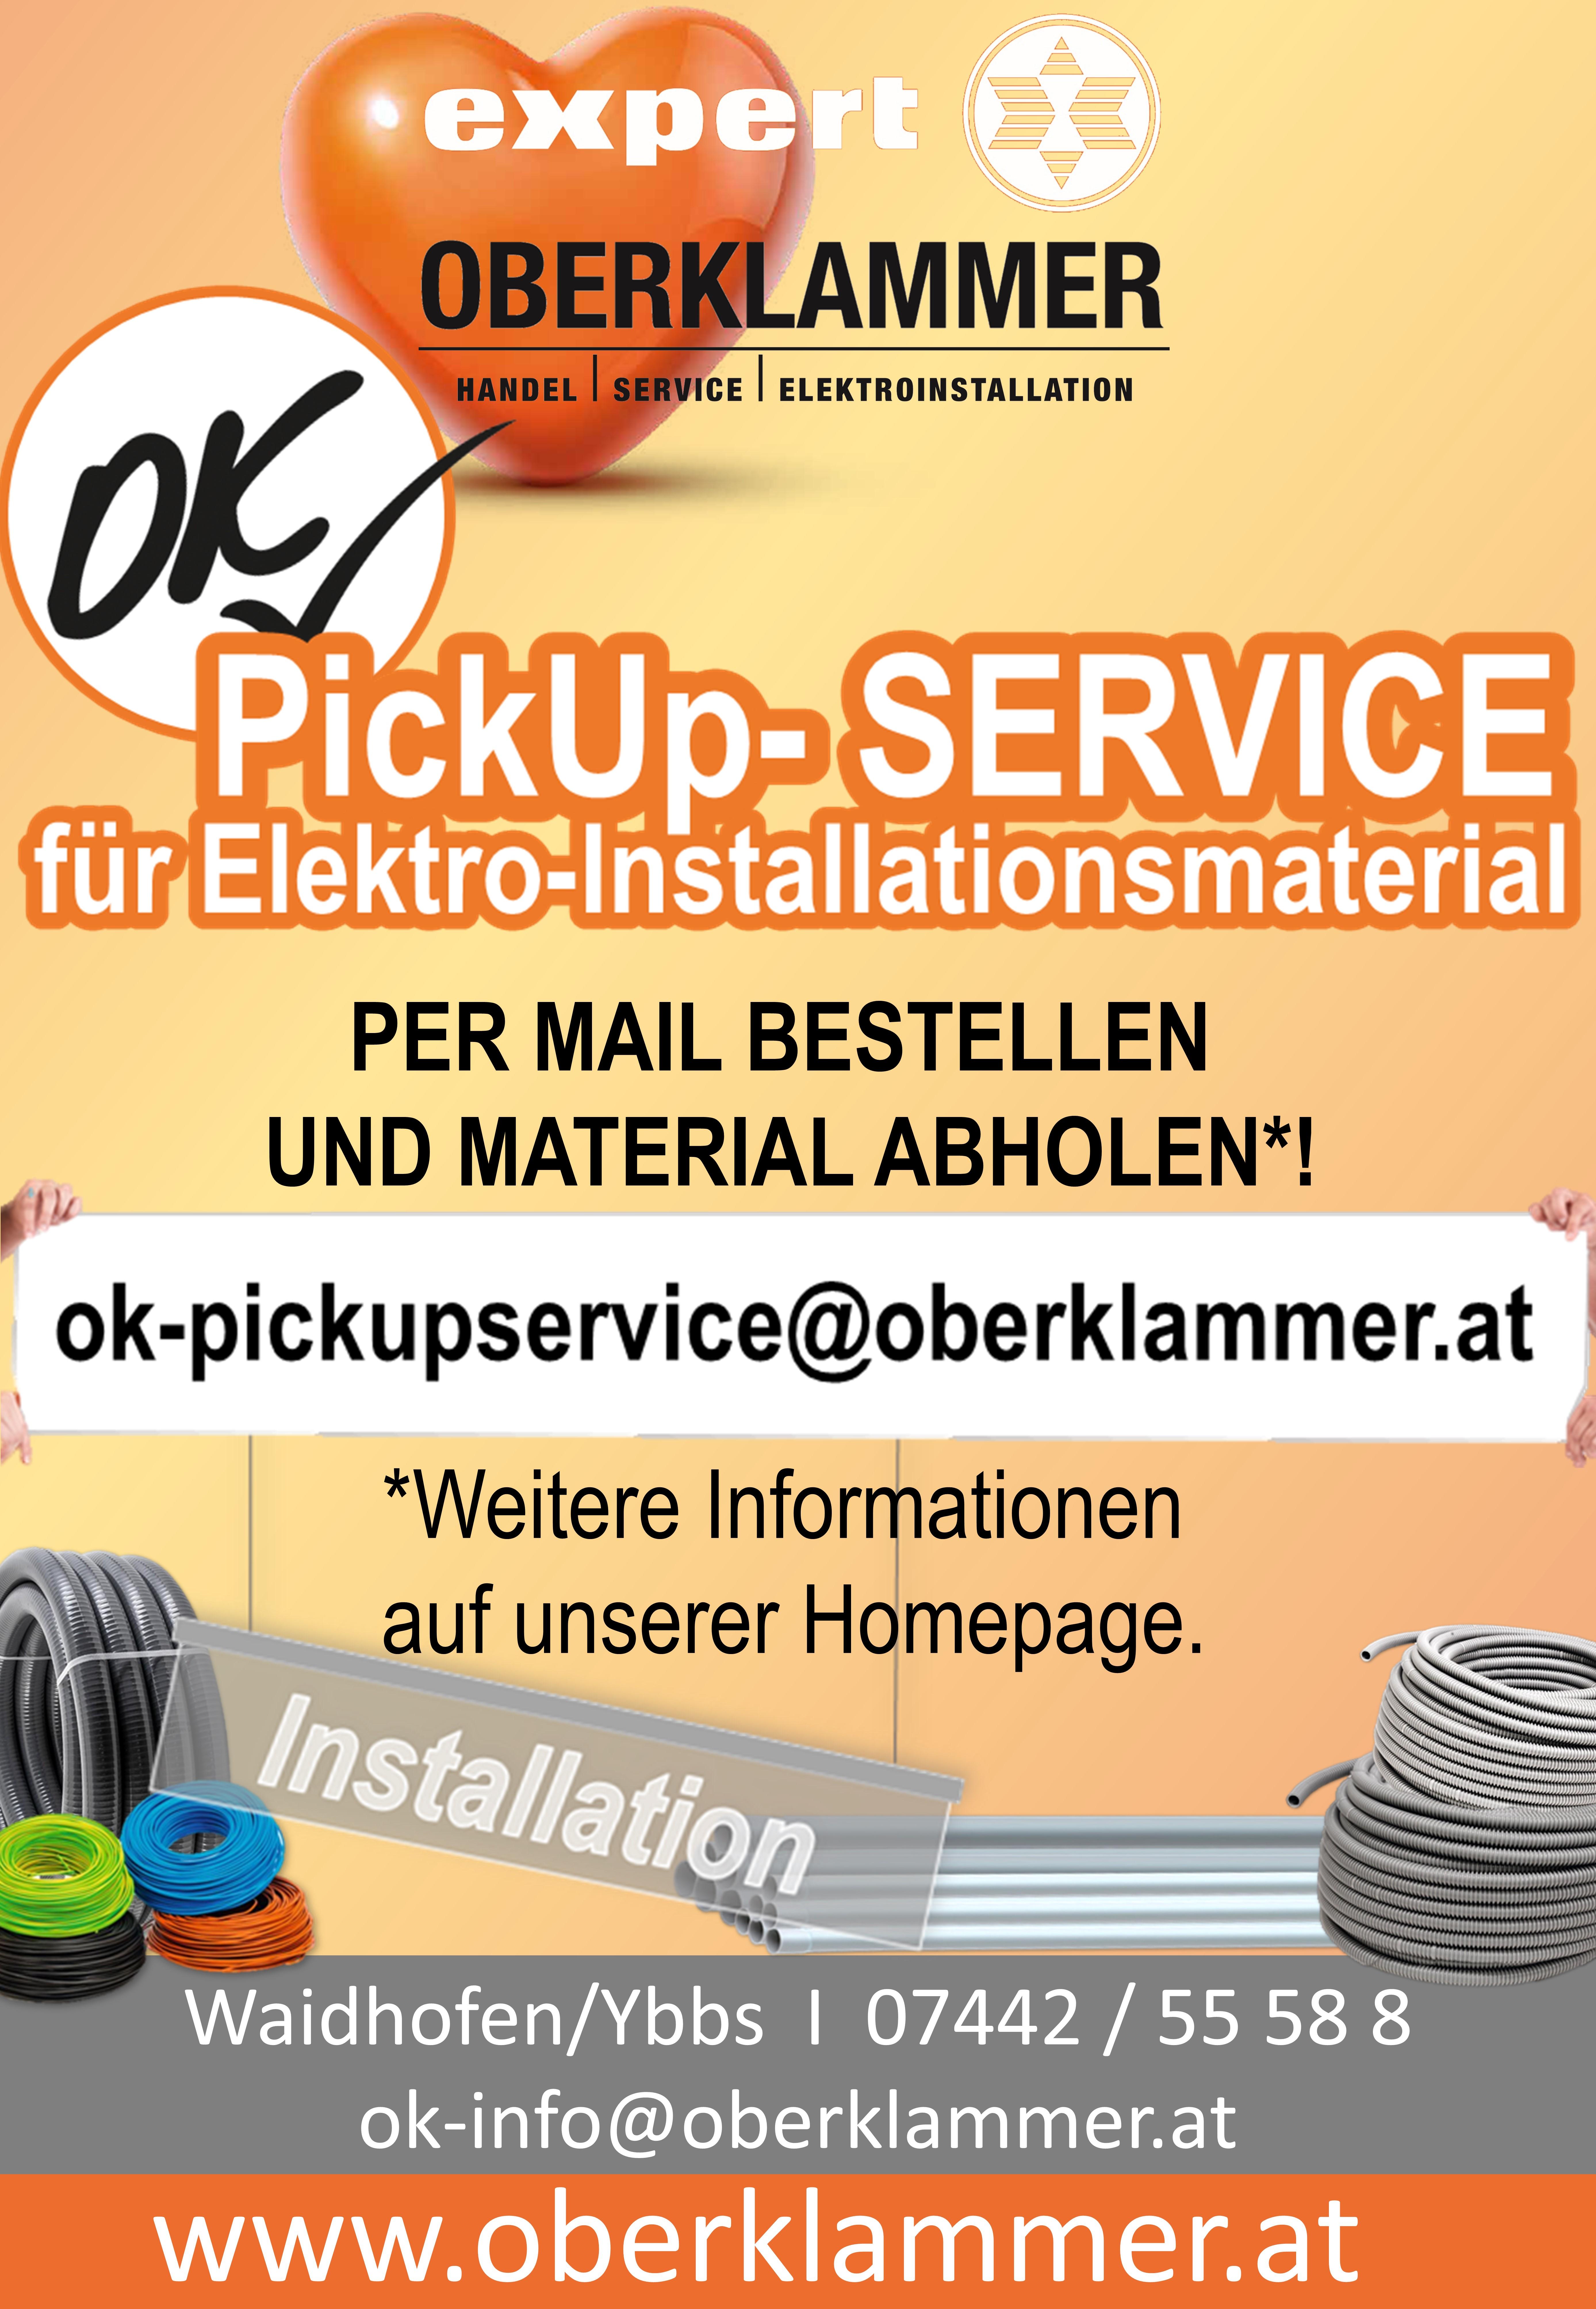 Ybbstaler_1-4_Einschaltung-KW04 - Pickup-Service